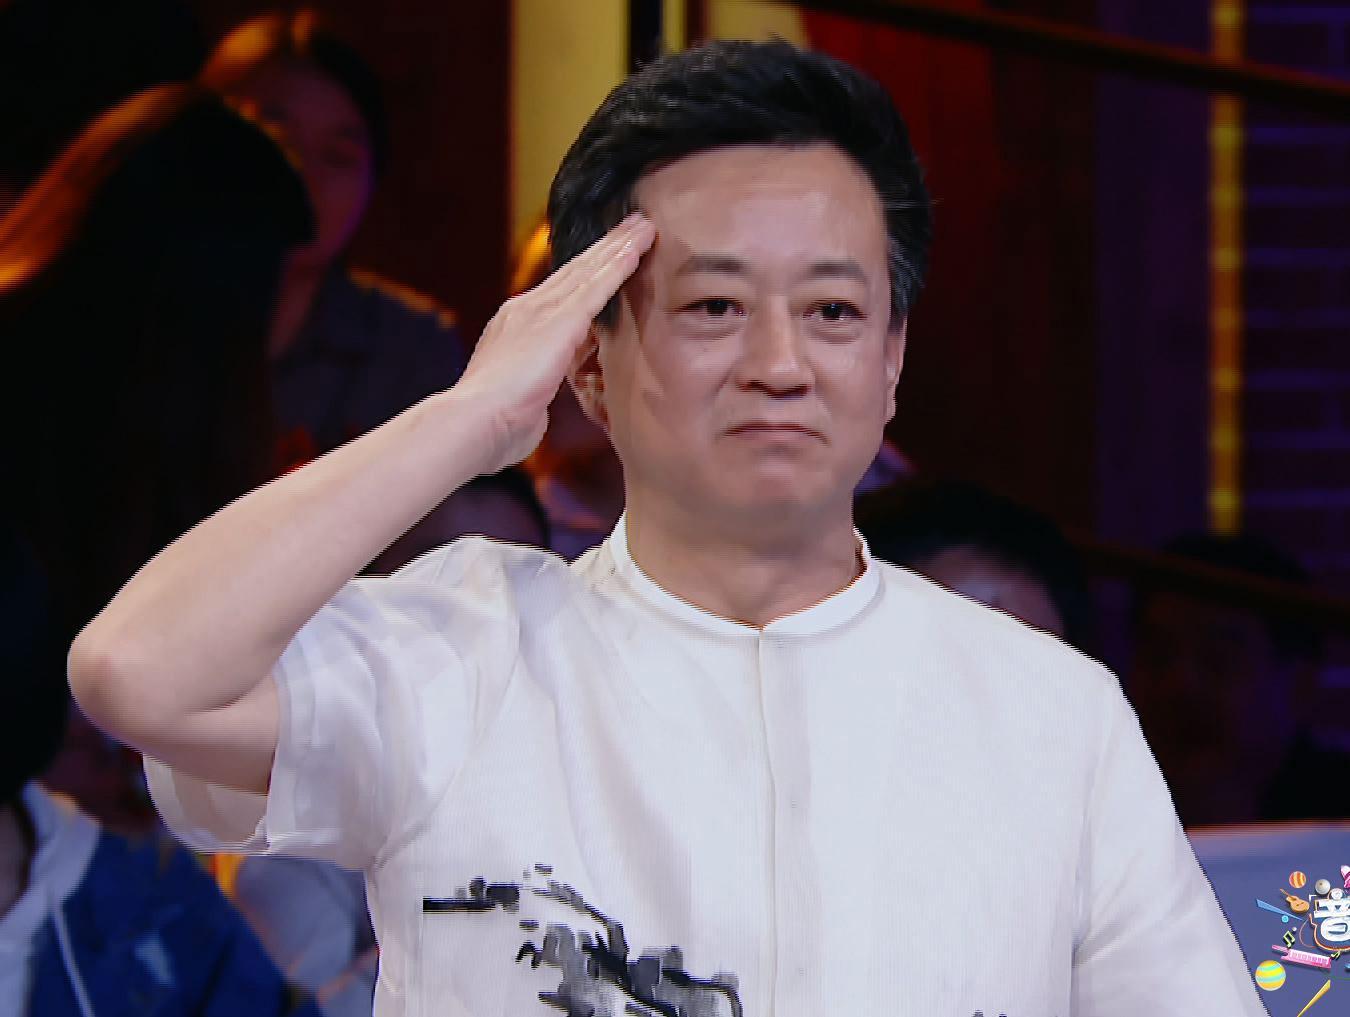 朱军_《大师课3》迎国旗班战士朱军致敬老兵行军礼